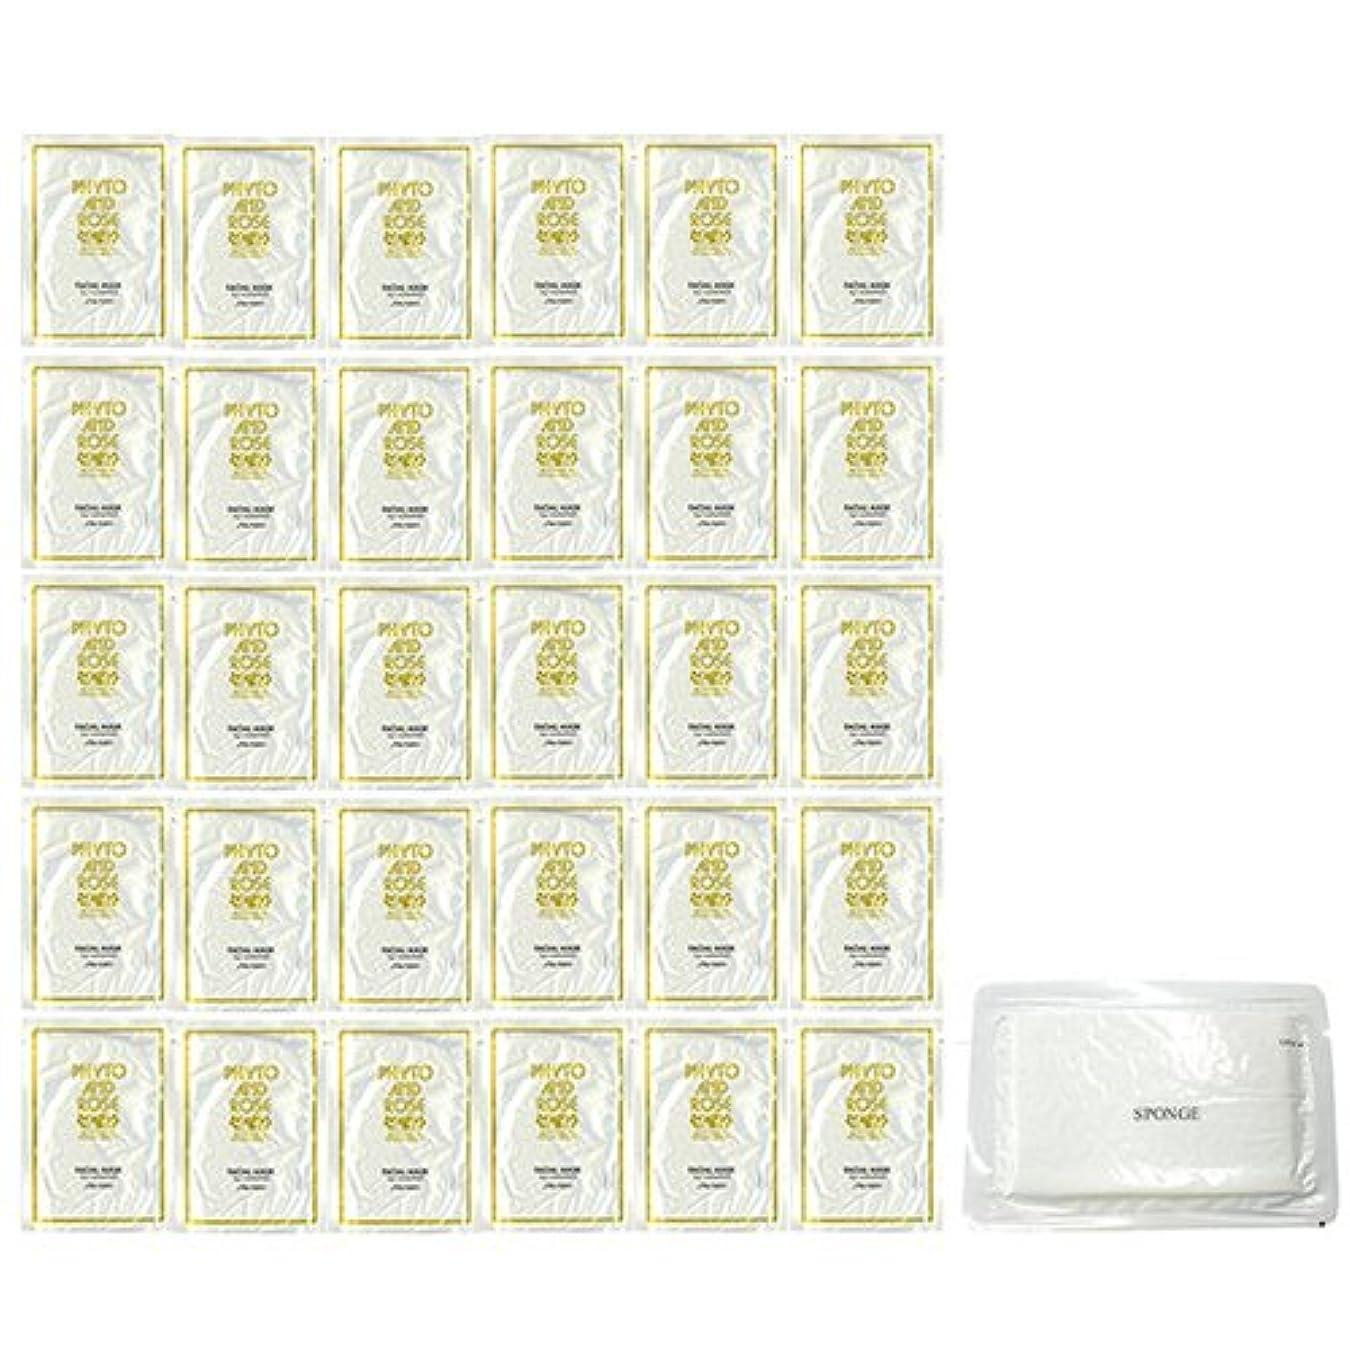 定数バランス彫刻資生堂 フィト アンド ローズ パウチ ハンドアンドボディミルク 10ml × 30個 + 圧縮スポンジセット